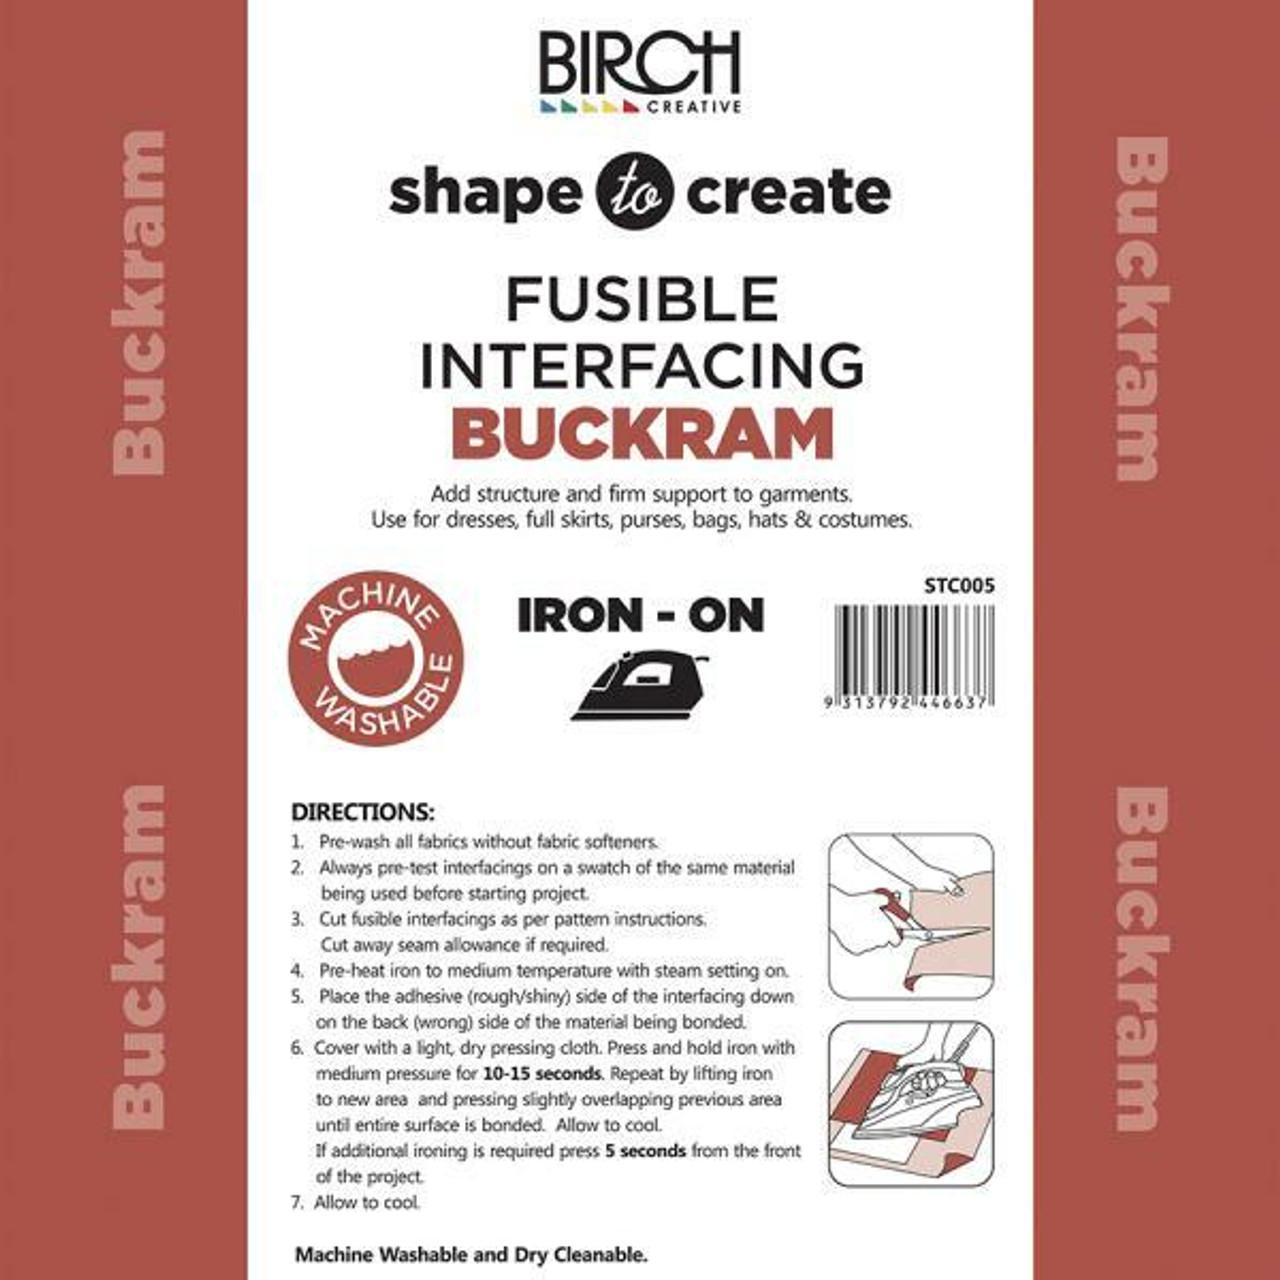 Shape to Create - Iron-on Buckram